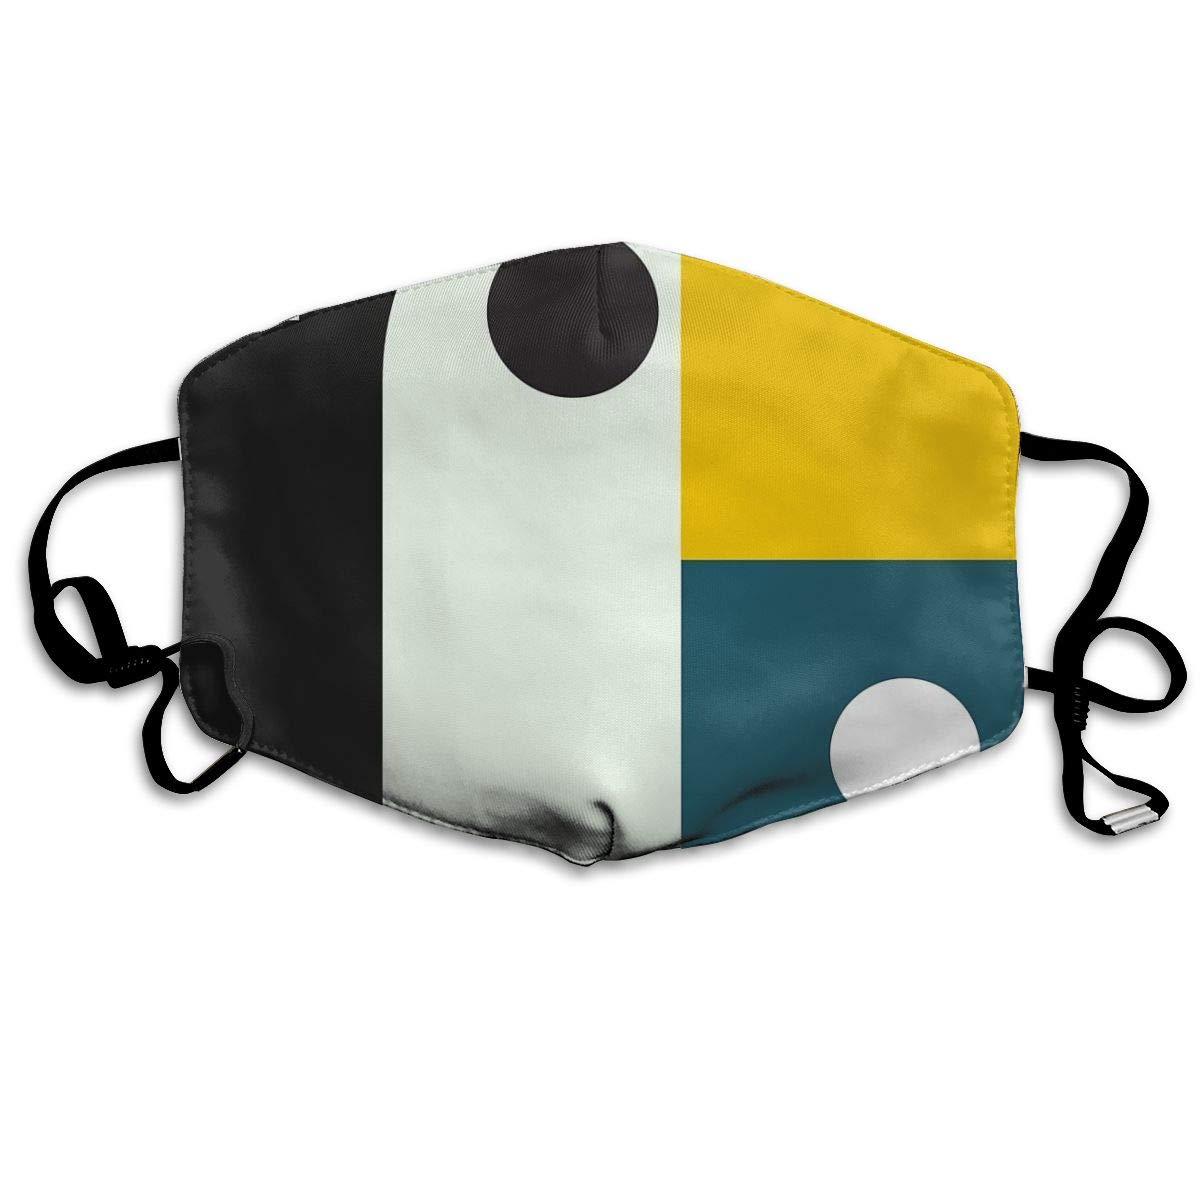 Máscara de Boca Bauhaus Age Mascarilla Sanitaria para Mantener el Calor en frío, protección contra el Polvo y el Humo para Hombres, Mujeres y Adolescentes